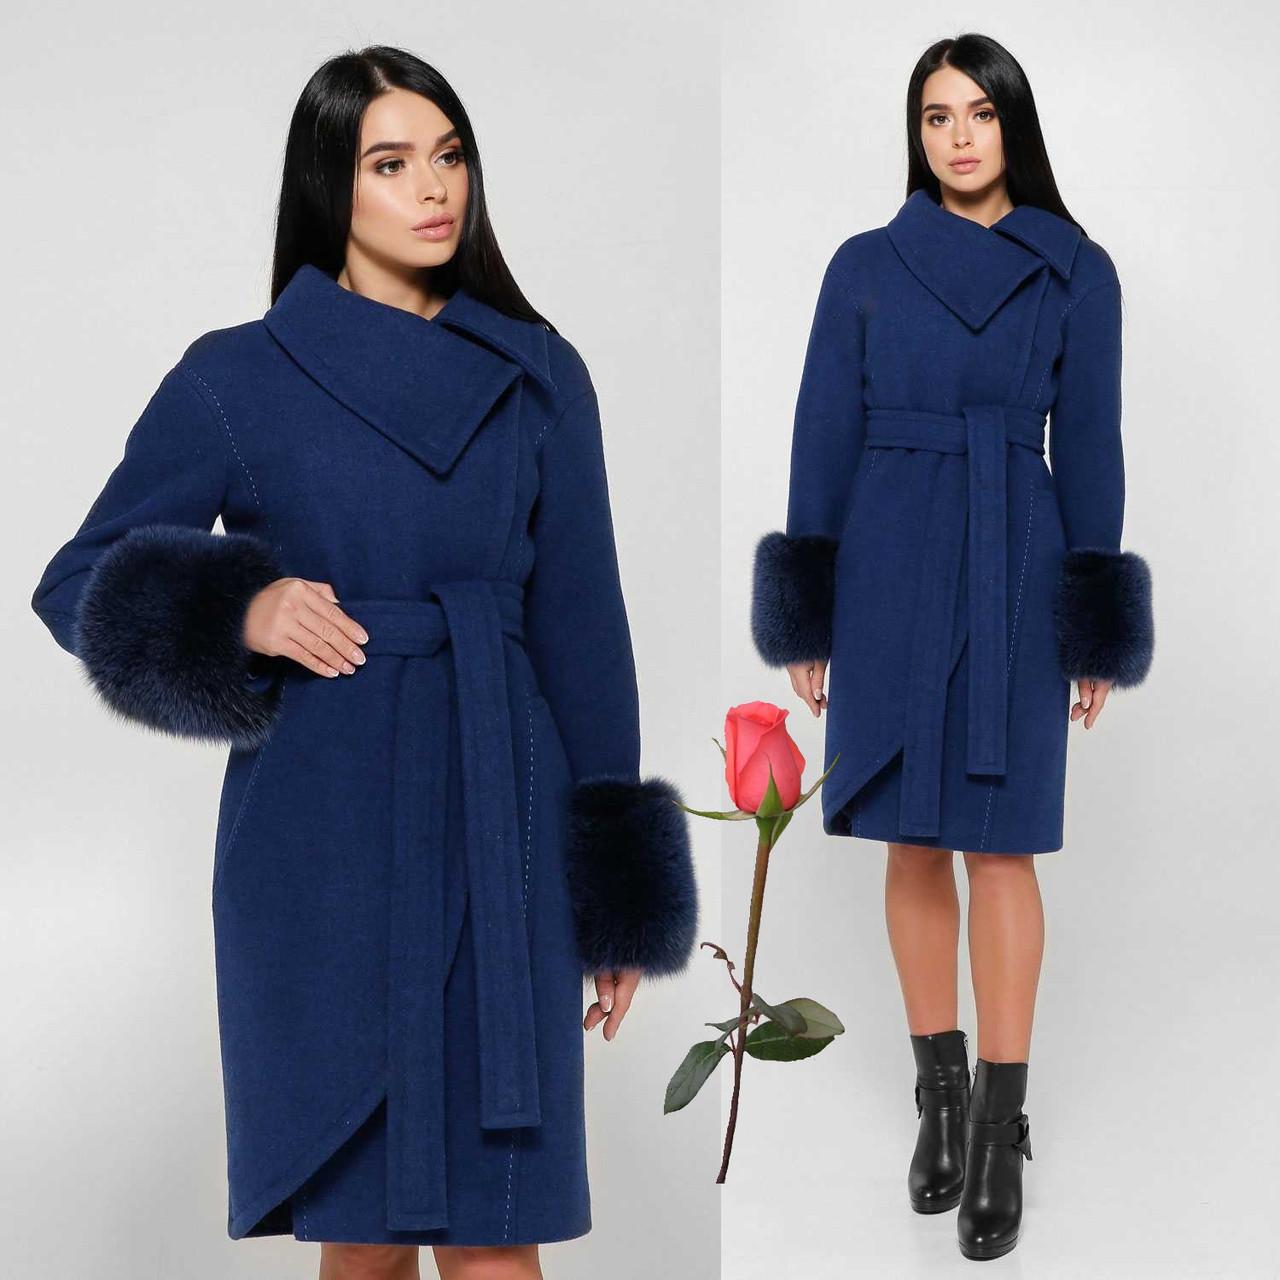 Зимнее женское пальто с мехом на рукавах  F 771177  Синий